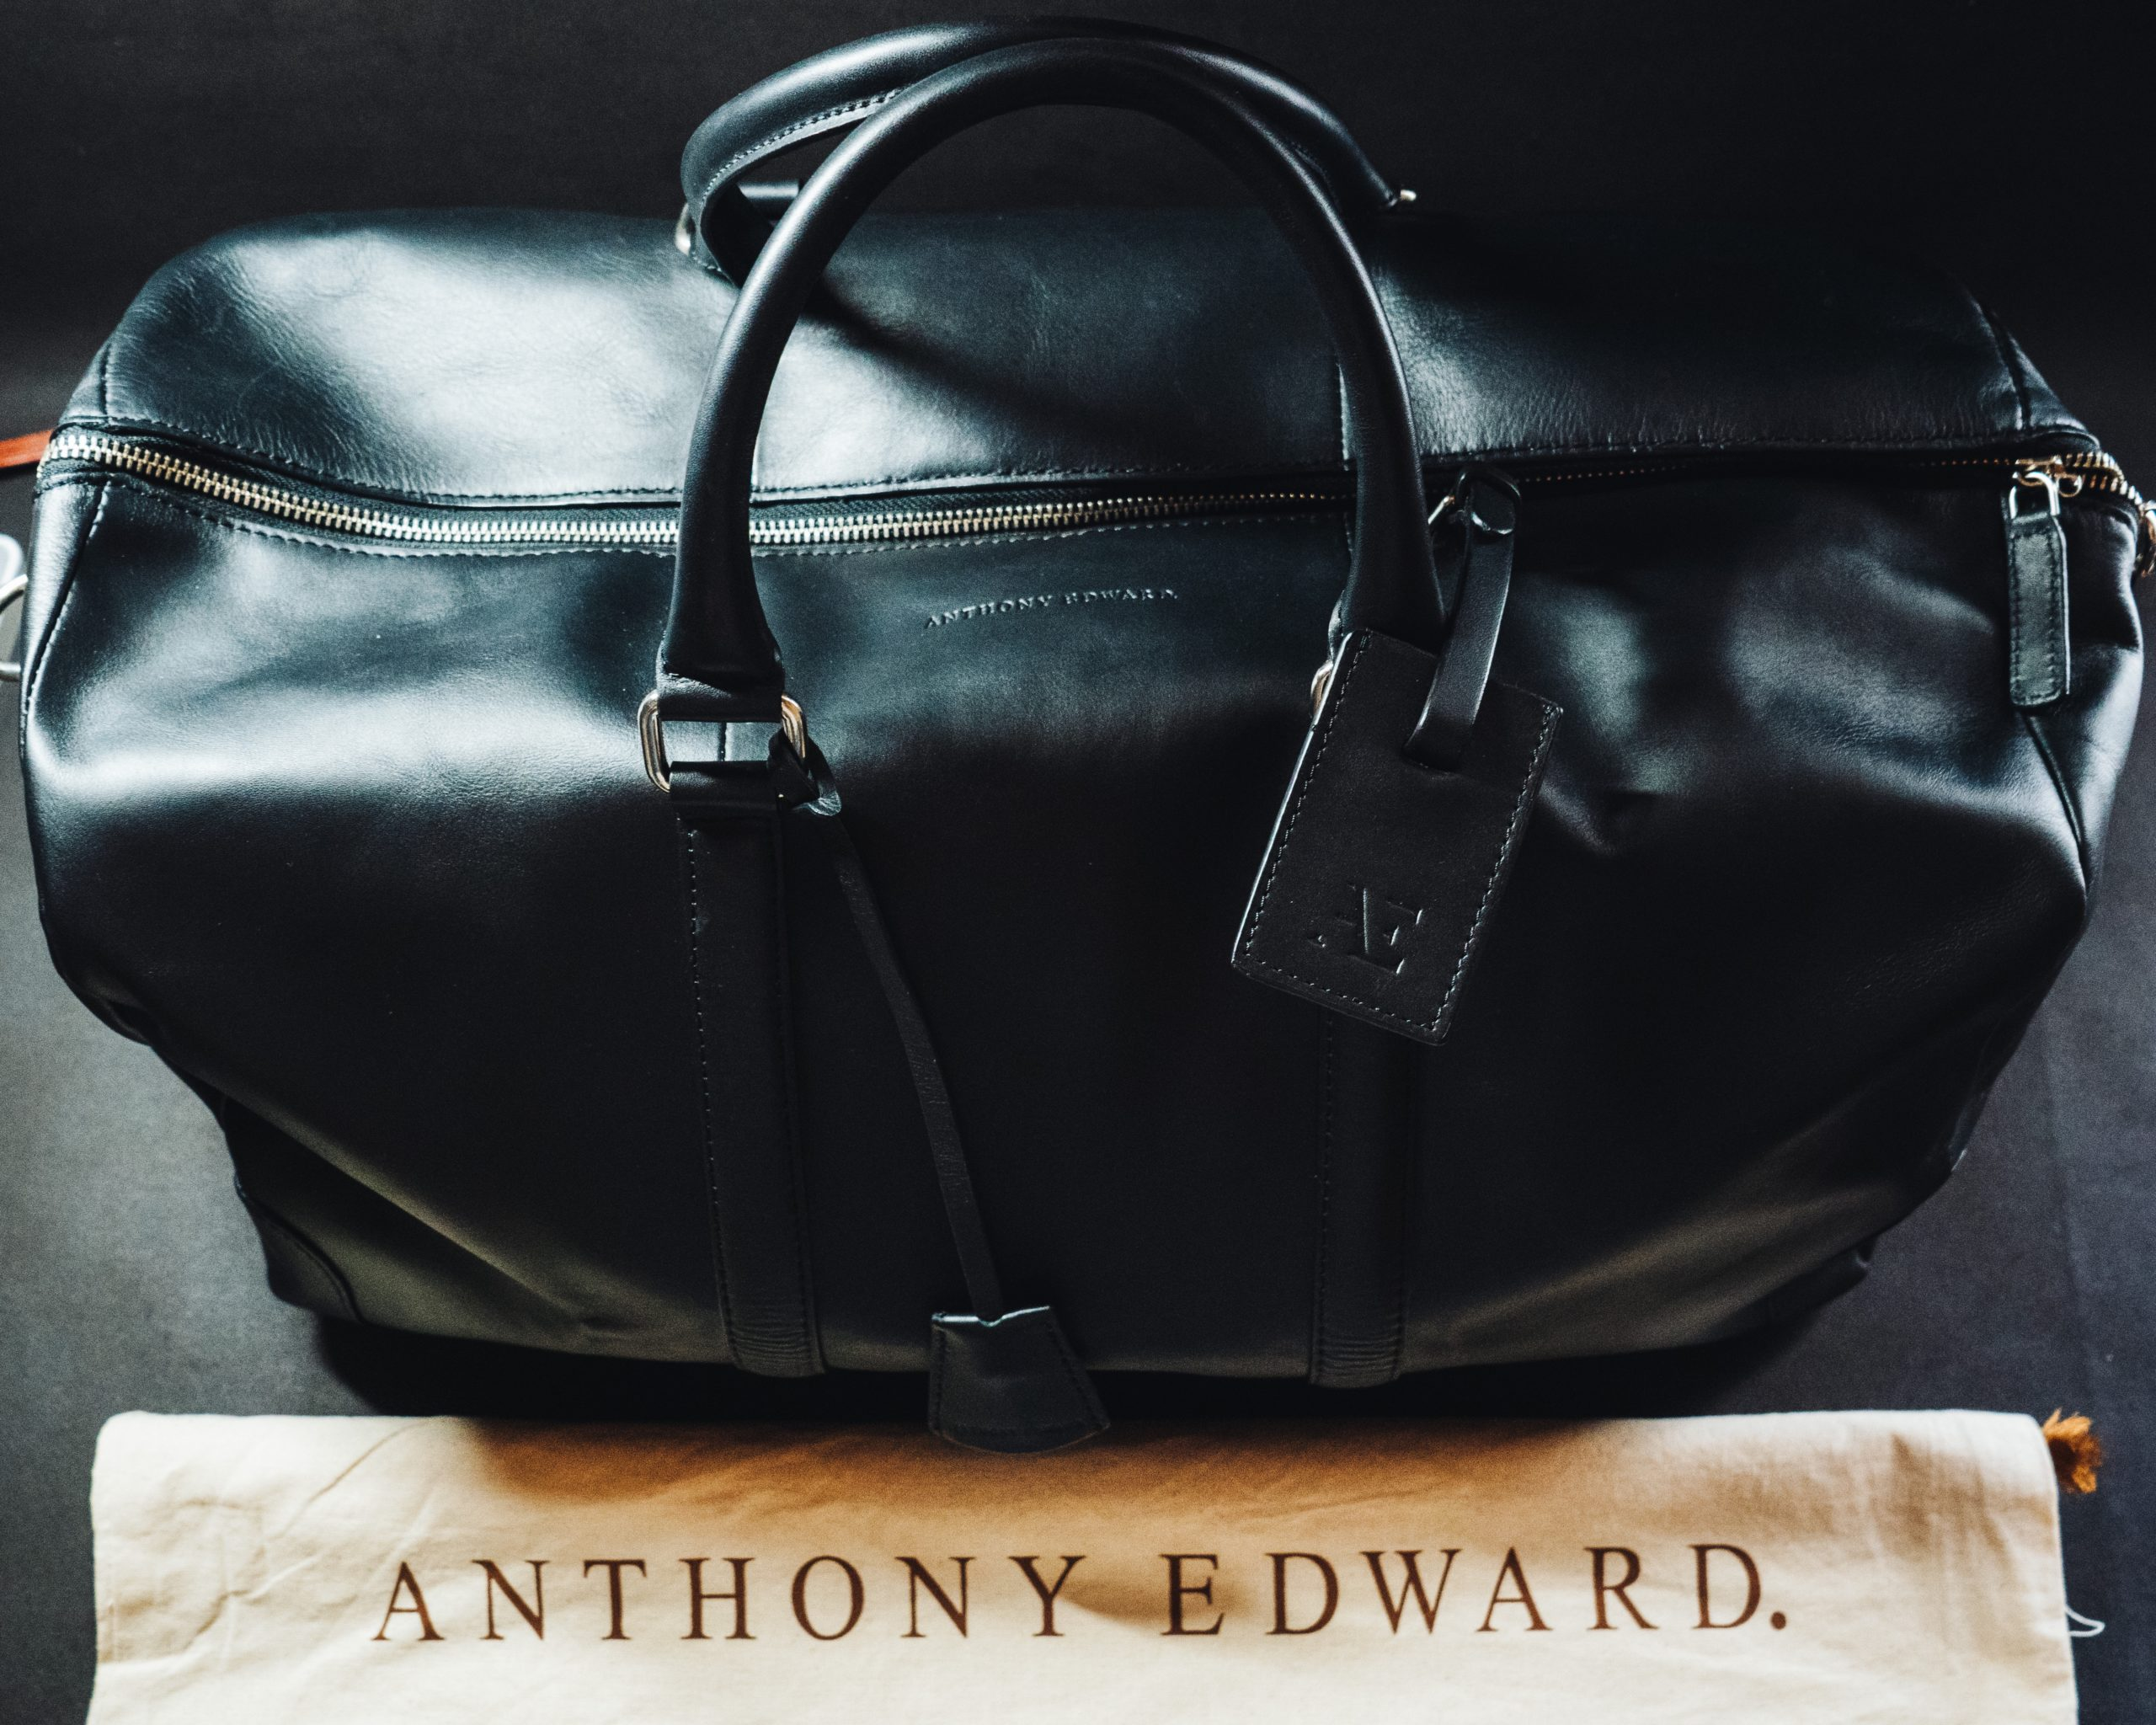 ANTHONY EDWARDのダッフルバッグを実際に使った感想